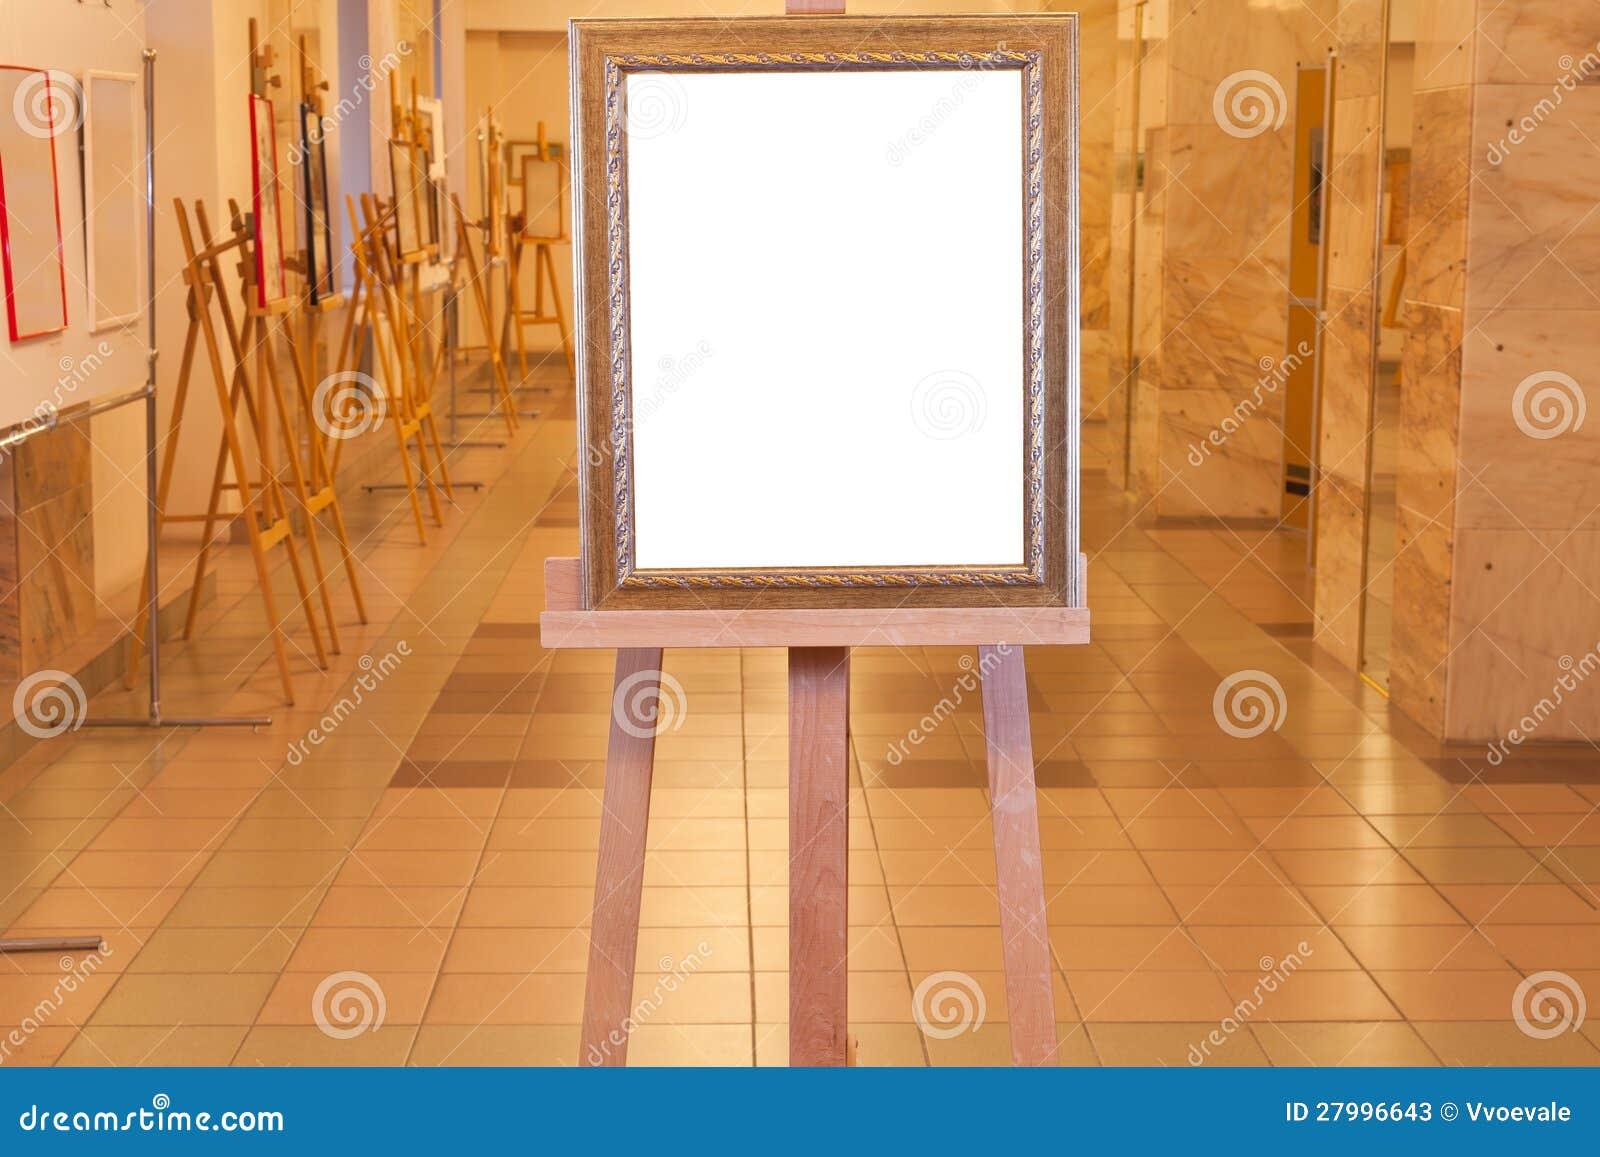 Marco De Madera En El Caballete En Galería De Arte Imagen de archivo ...